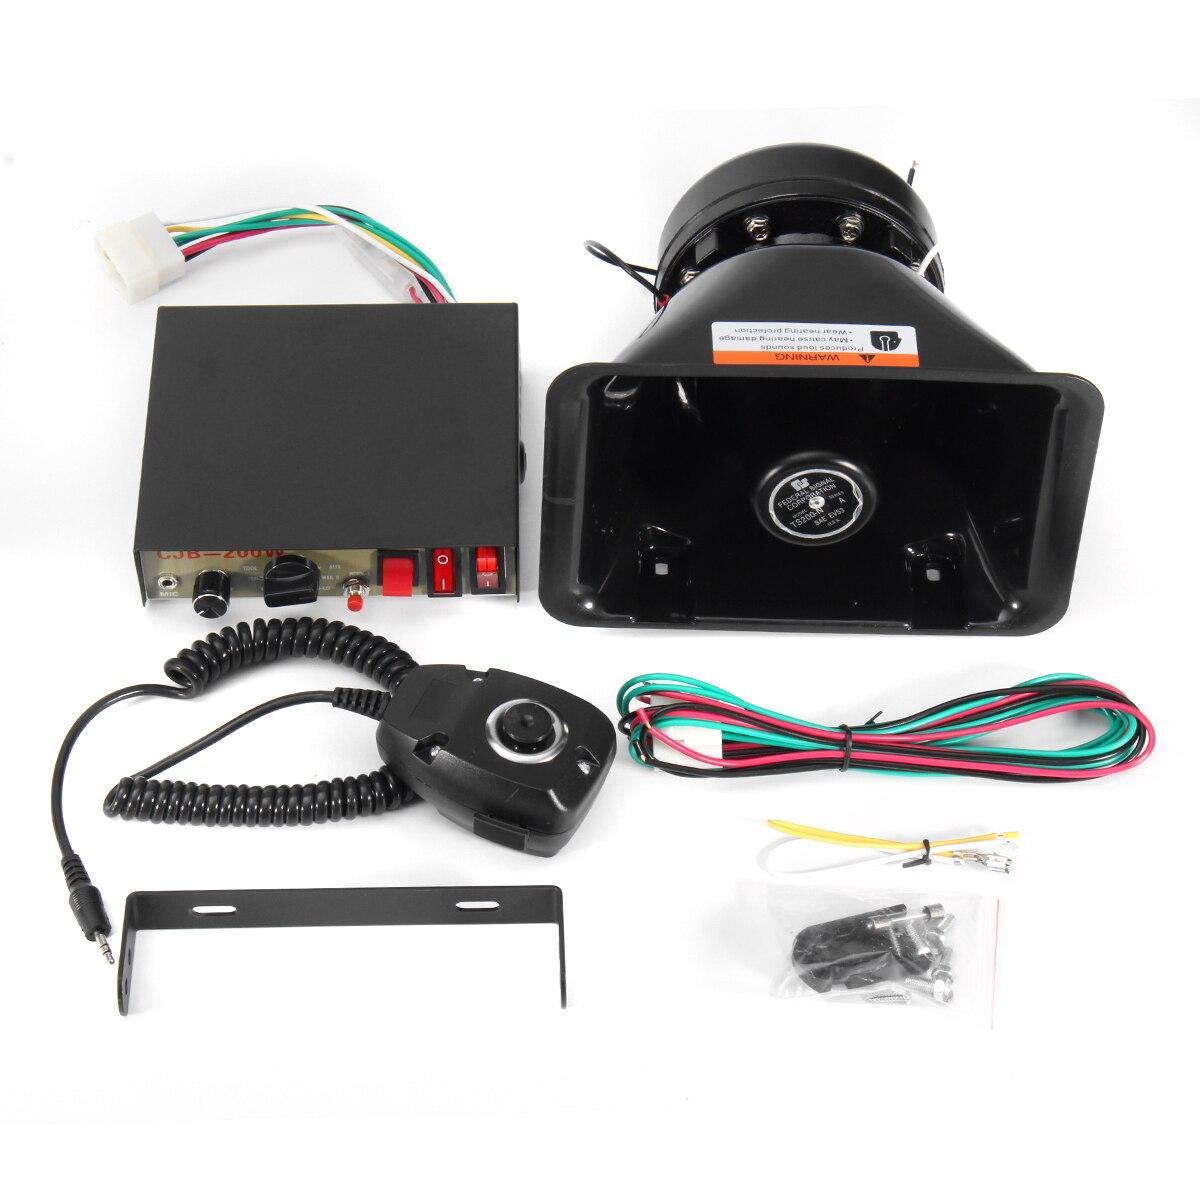 Safurance Air sirène klaxon avertissement mégaphone avec micro haut-parleur voiture camion 12 V 8 sons fort alarme de sécurité à domicile